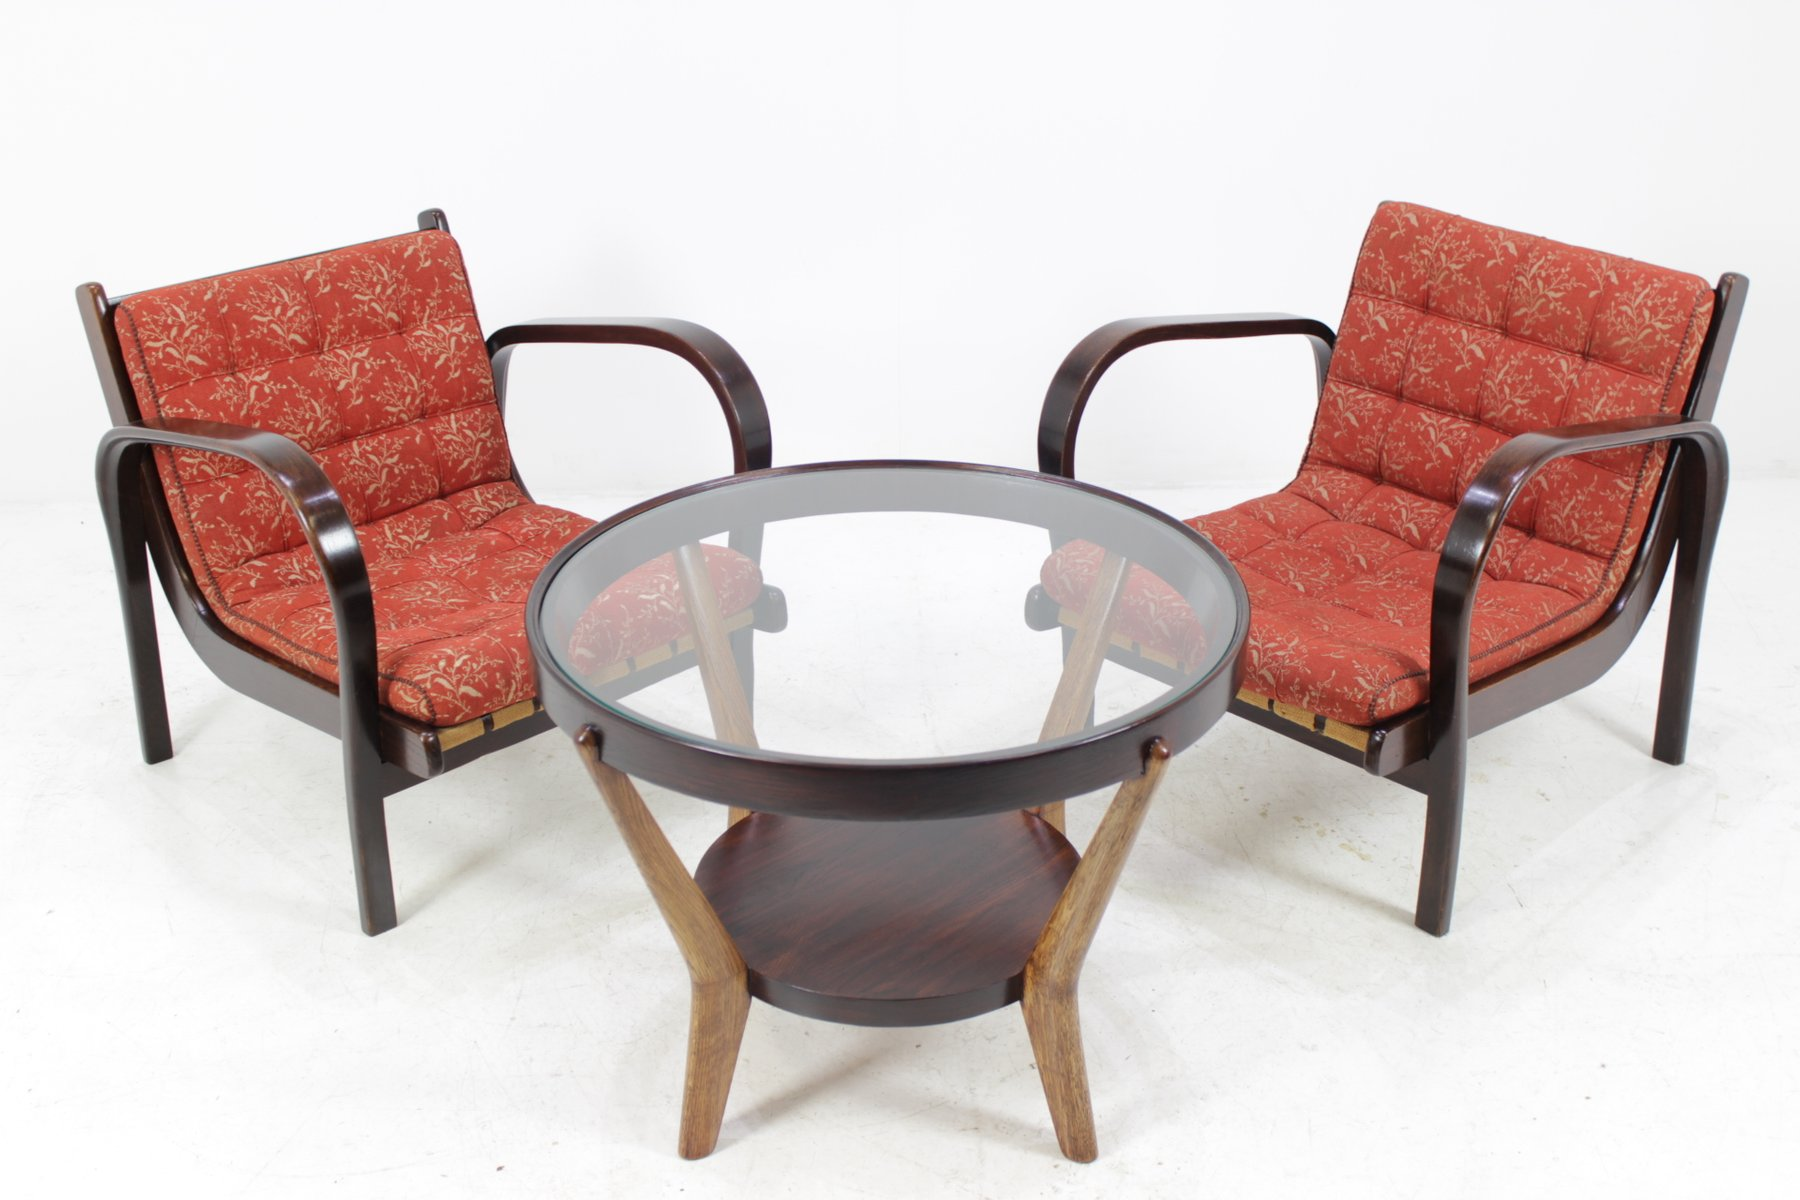 Vintage Armchairs And Coffee Table Set By Karel Kozelka U0026 Antonín Kropáček